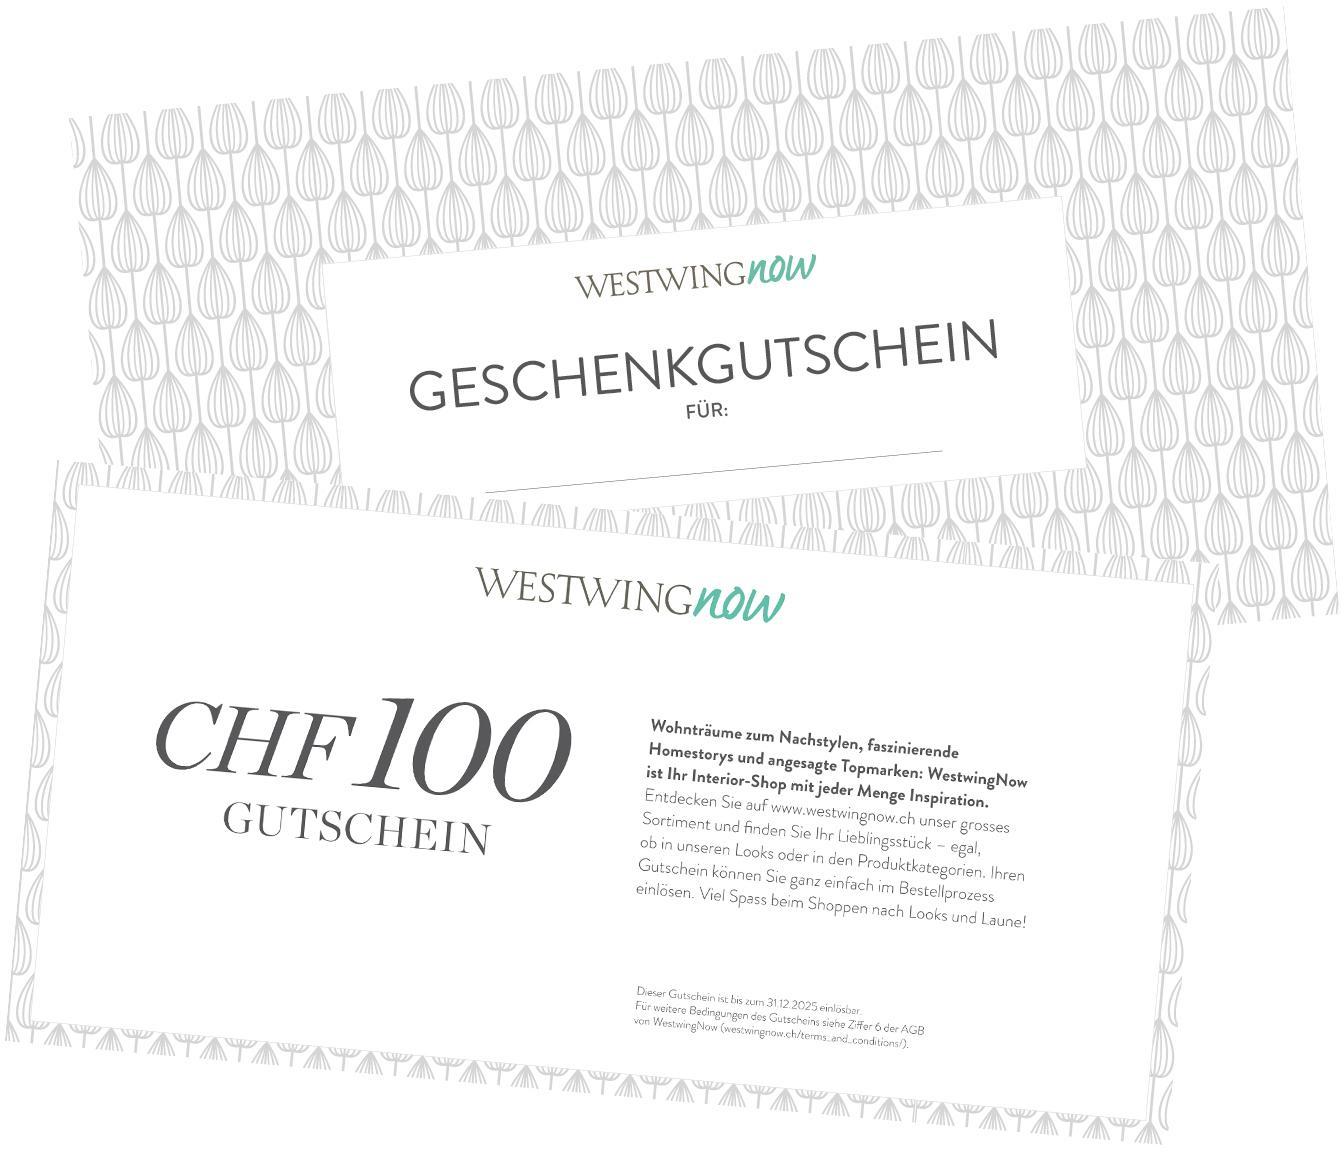 Gutscheinkarte, Gutschein auf edlem Papier, in hochwertigem Kuvert, Mehrfarbig, 100